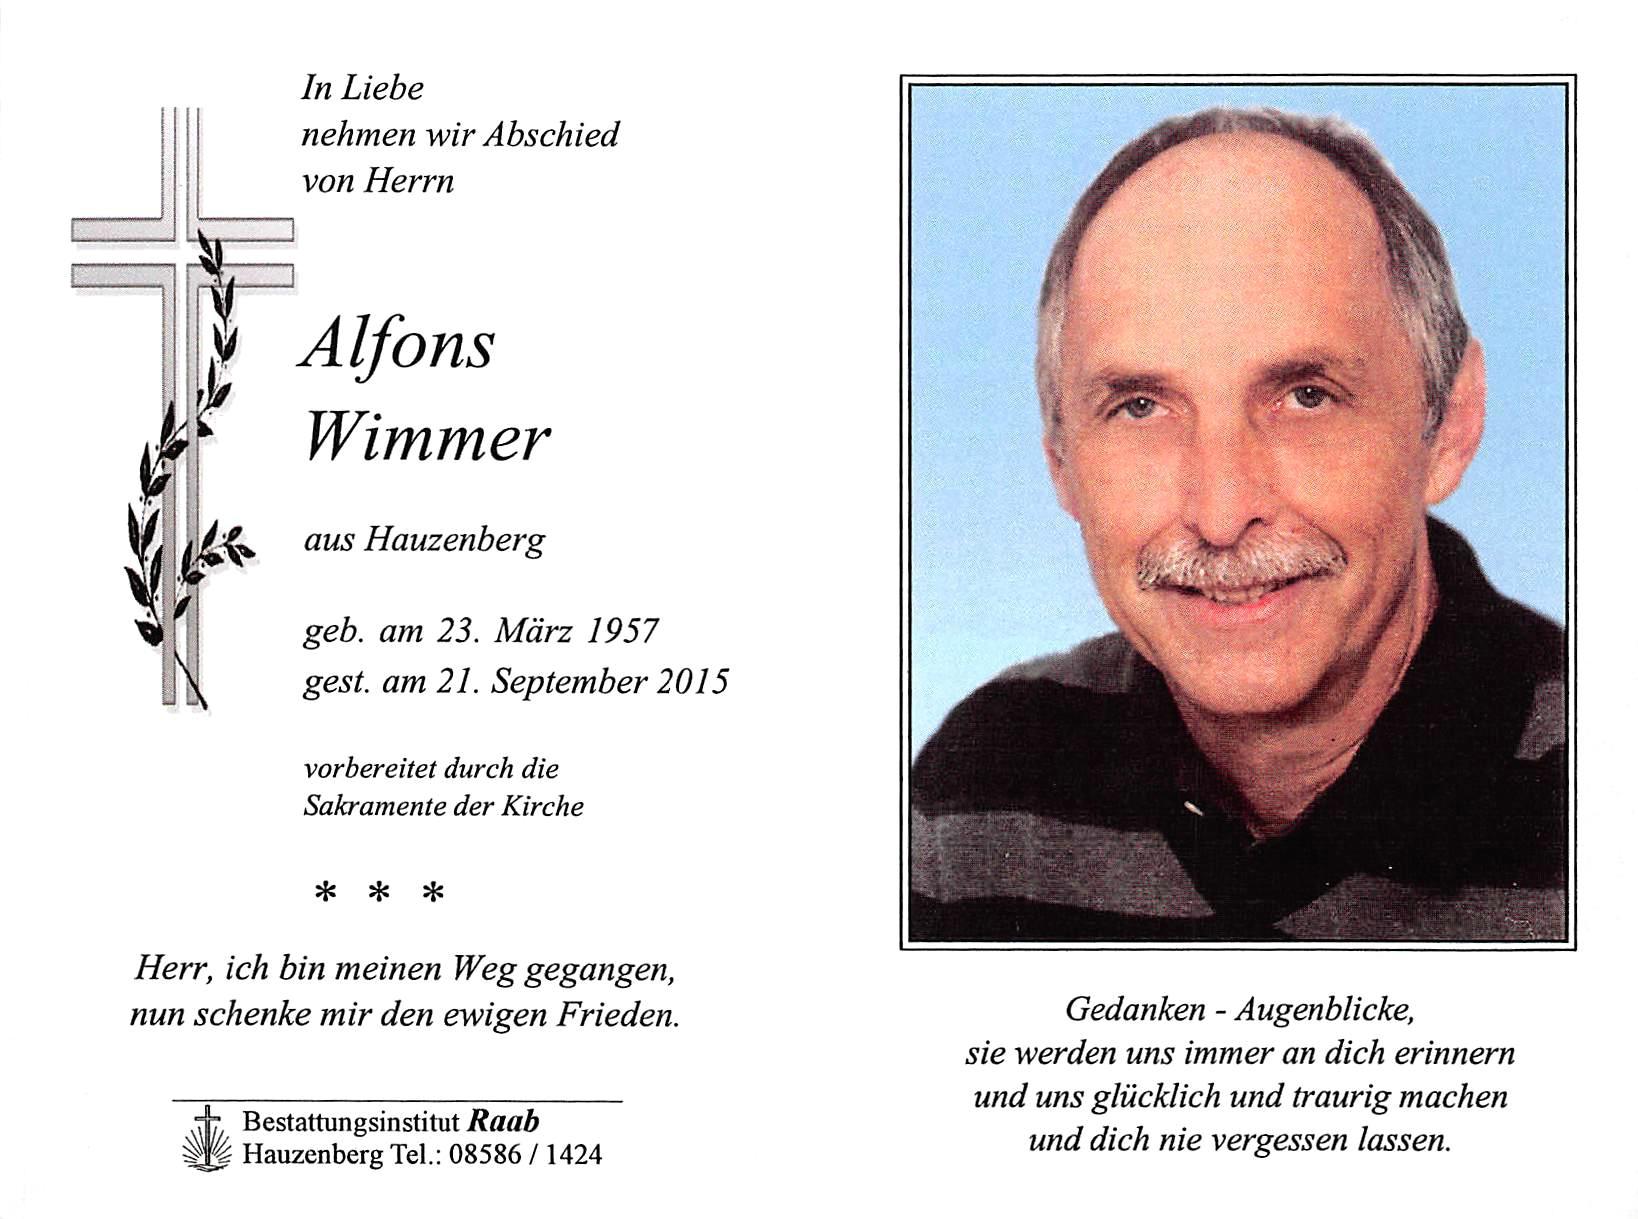 2015-09-21-Wimmer-Alfons-Hauzenberg